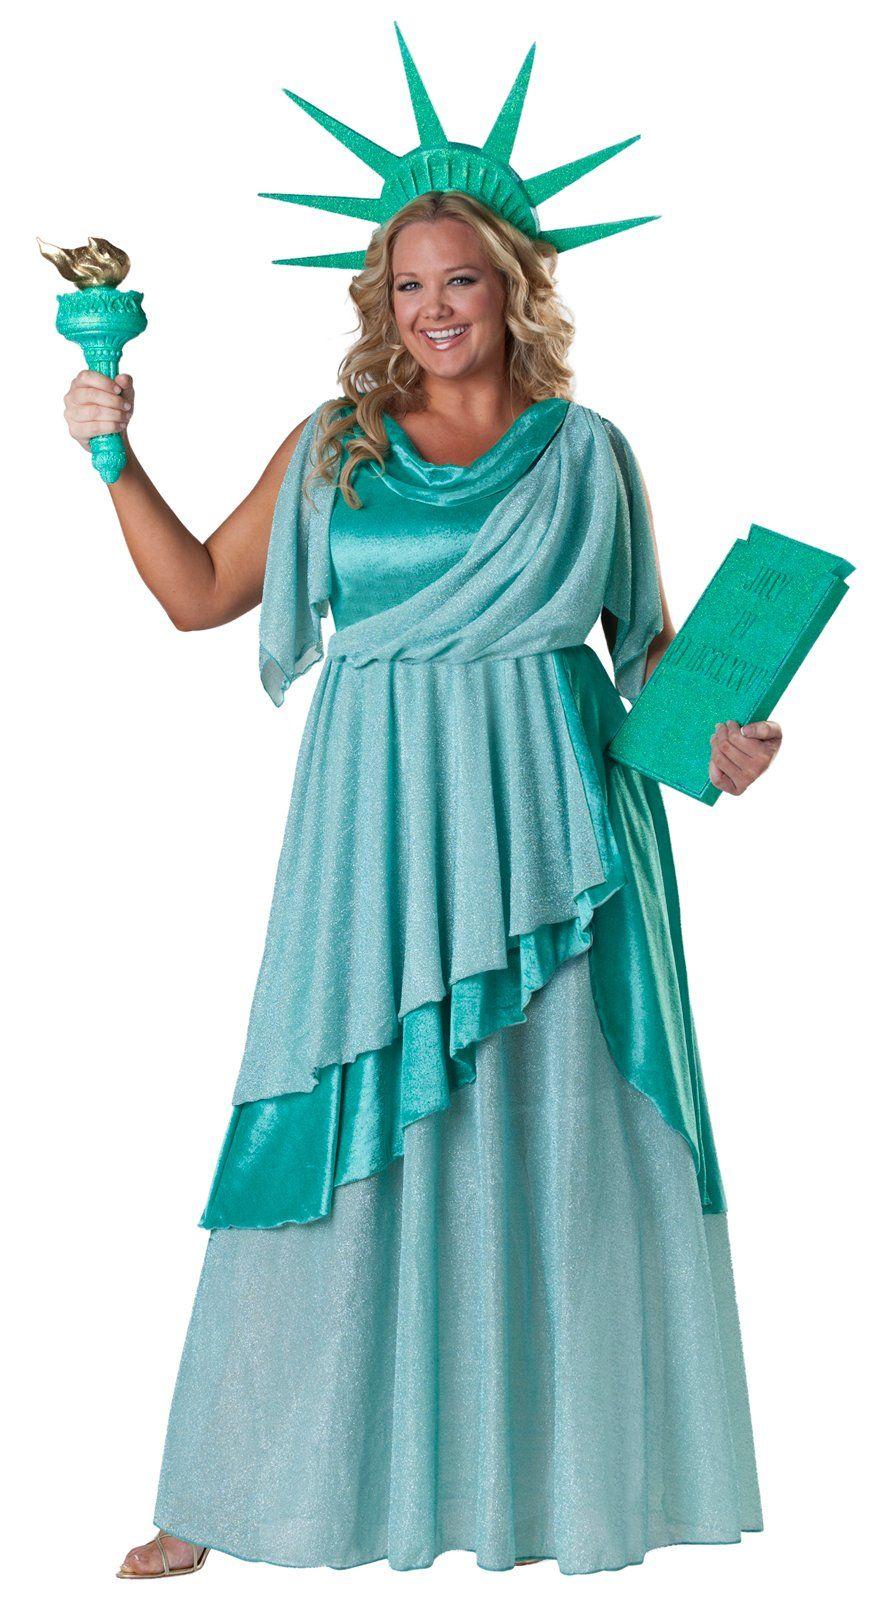 Lady liberty costume